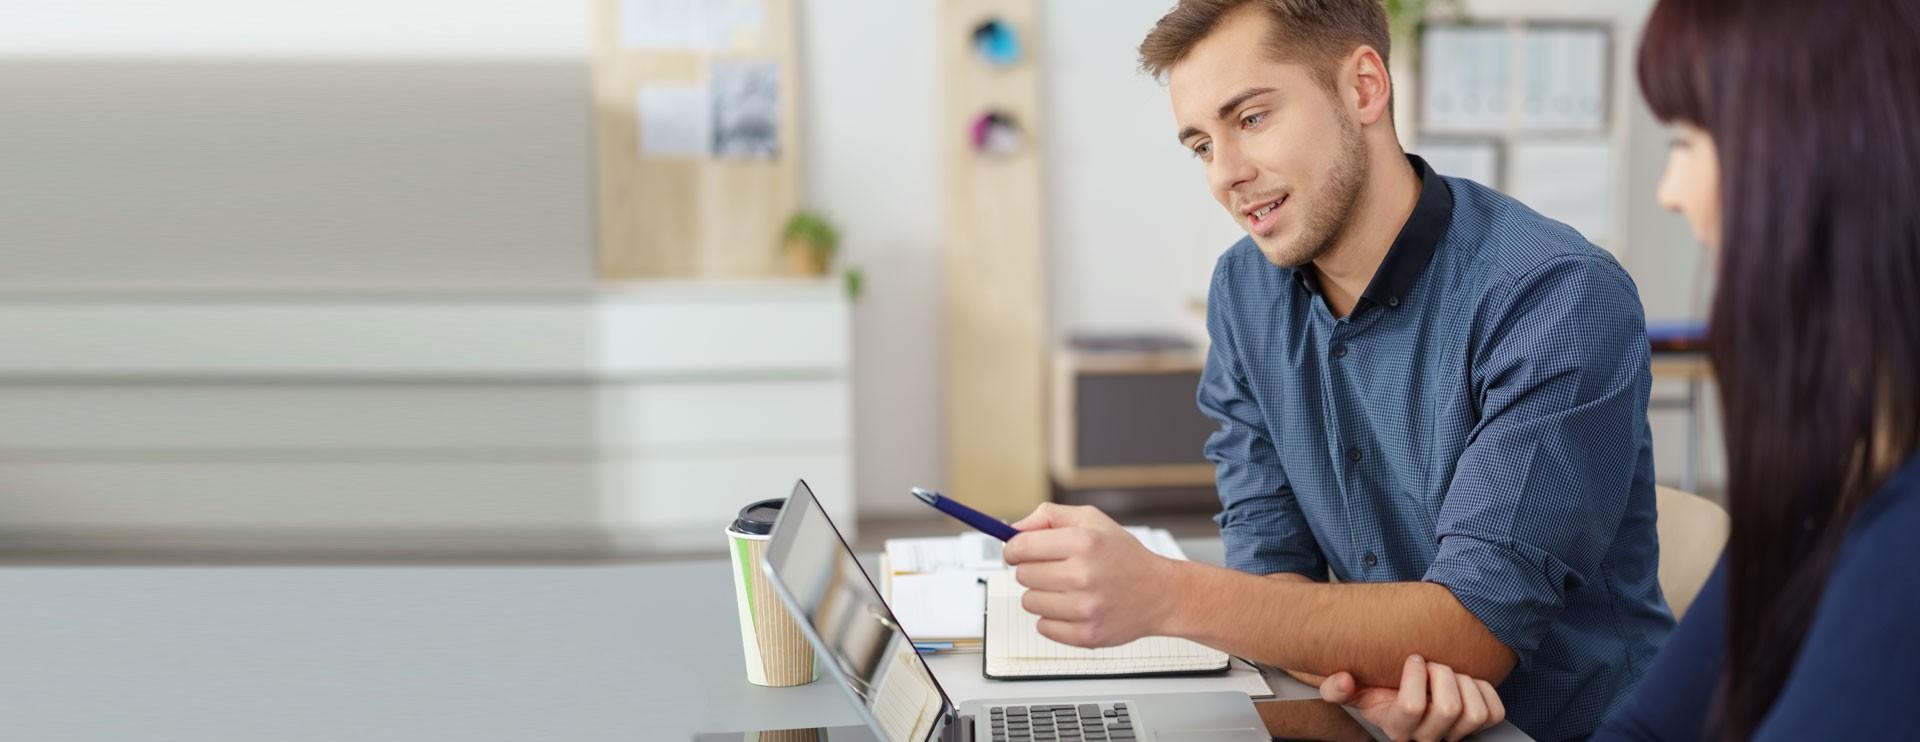 Colleghi che lavorano insieme davanti a un computer